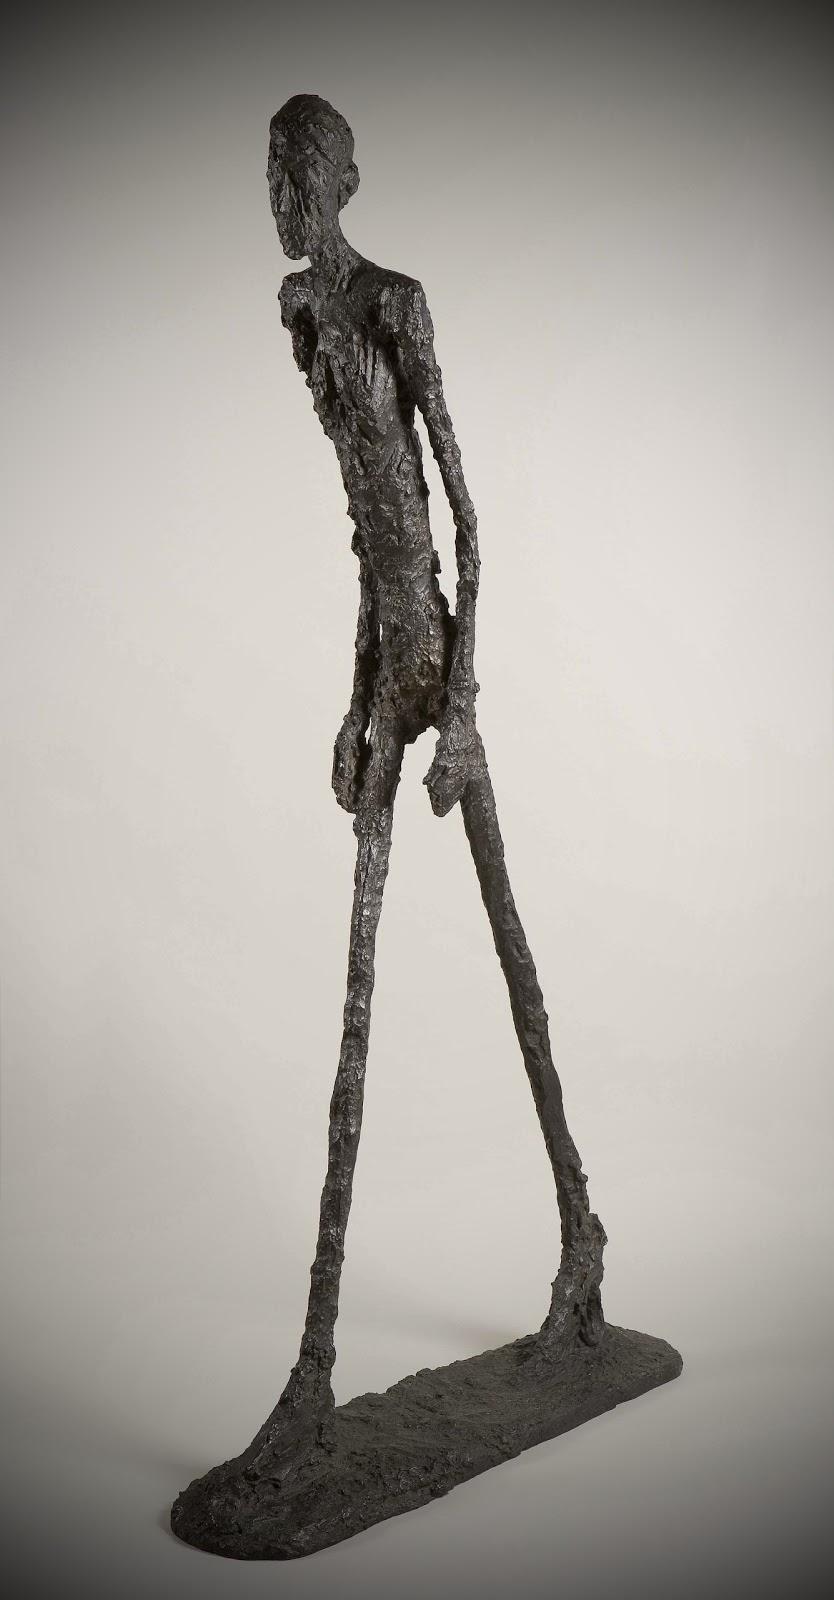 L'Homme Qui Marche,  1961. Alberto Giacometti